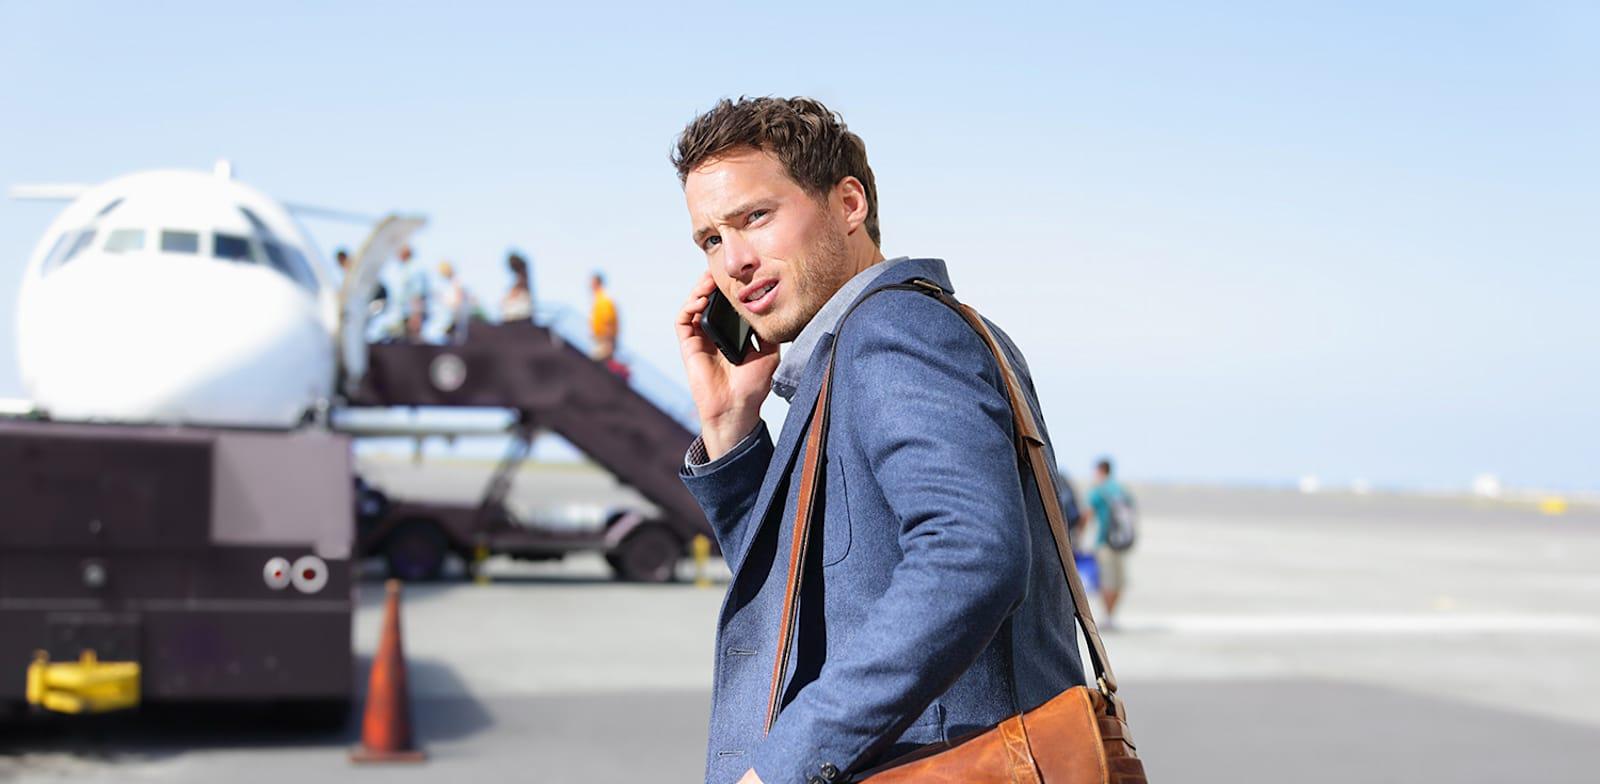 אנשי עסקים יימצאו אוזן קשבת בפורטוגל ורצון לסייע / צילום: Shutterstock